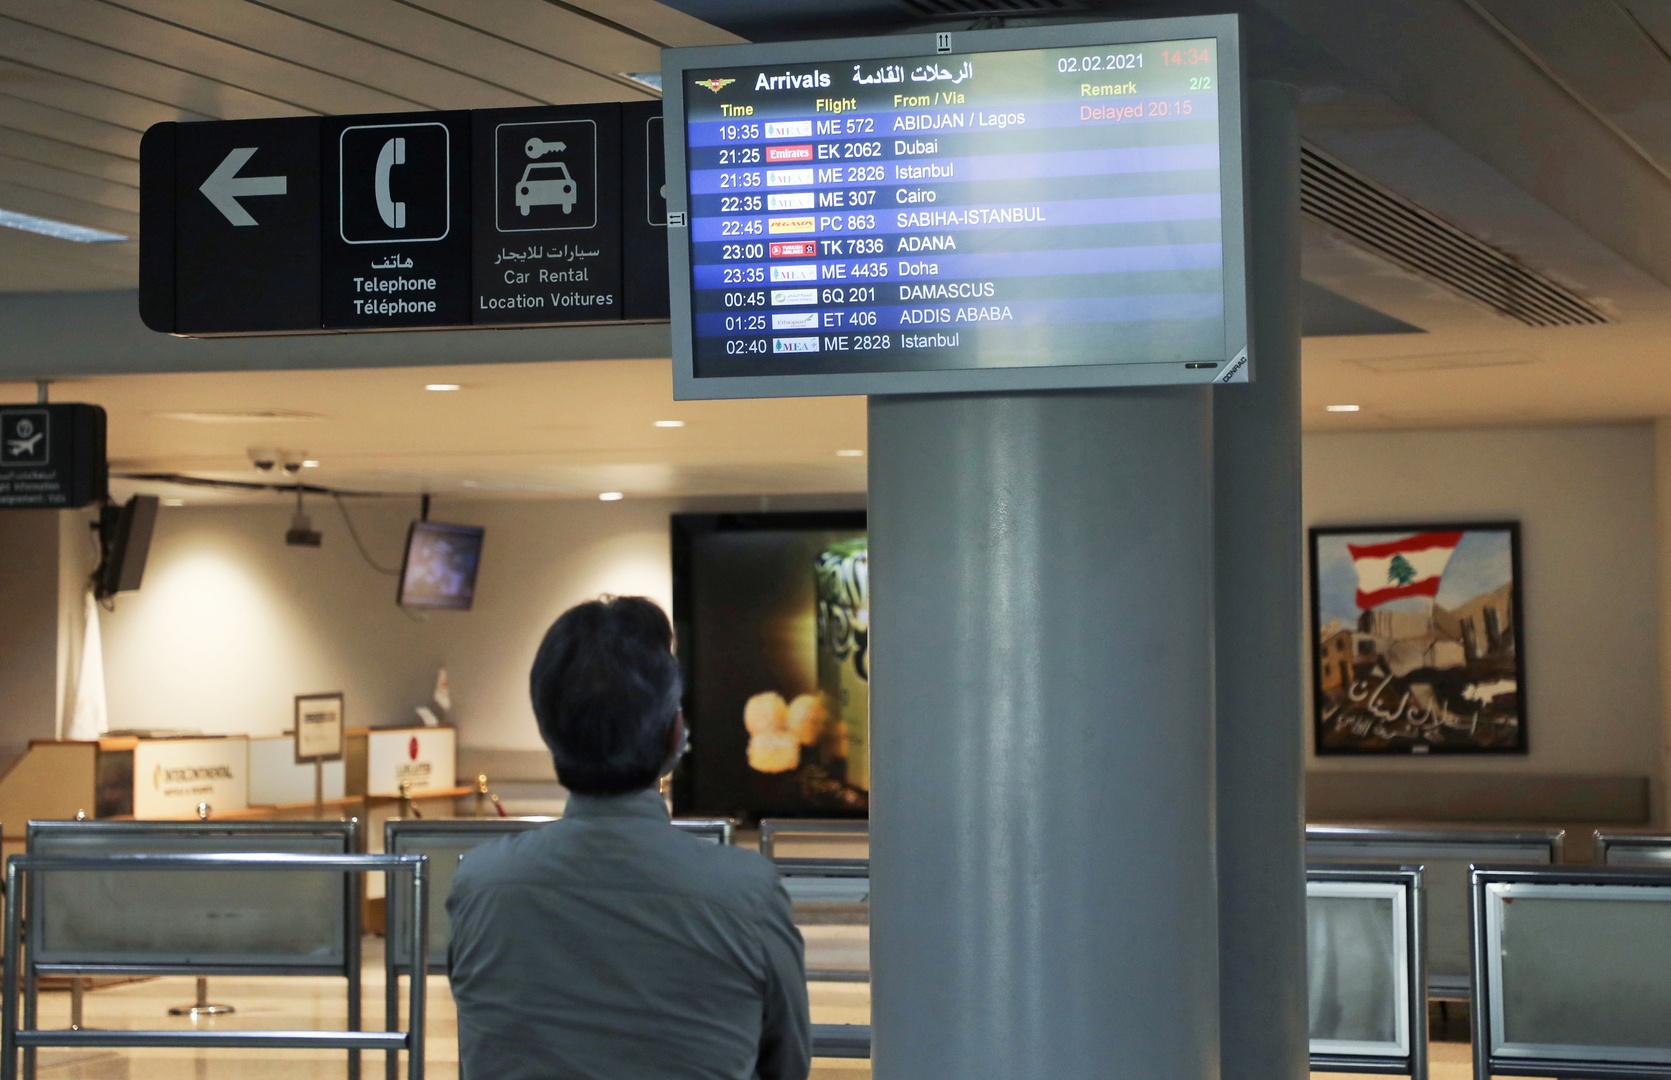 لبنان.. إحباط عملية تهريب 480 ألف دولار أمريكي مزيفة عبر المطار (فيديو)